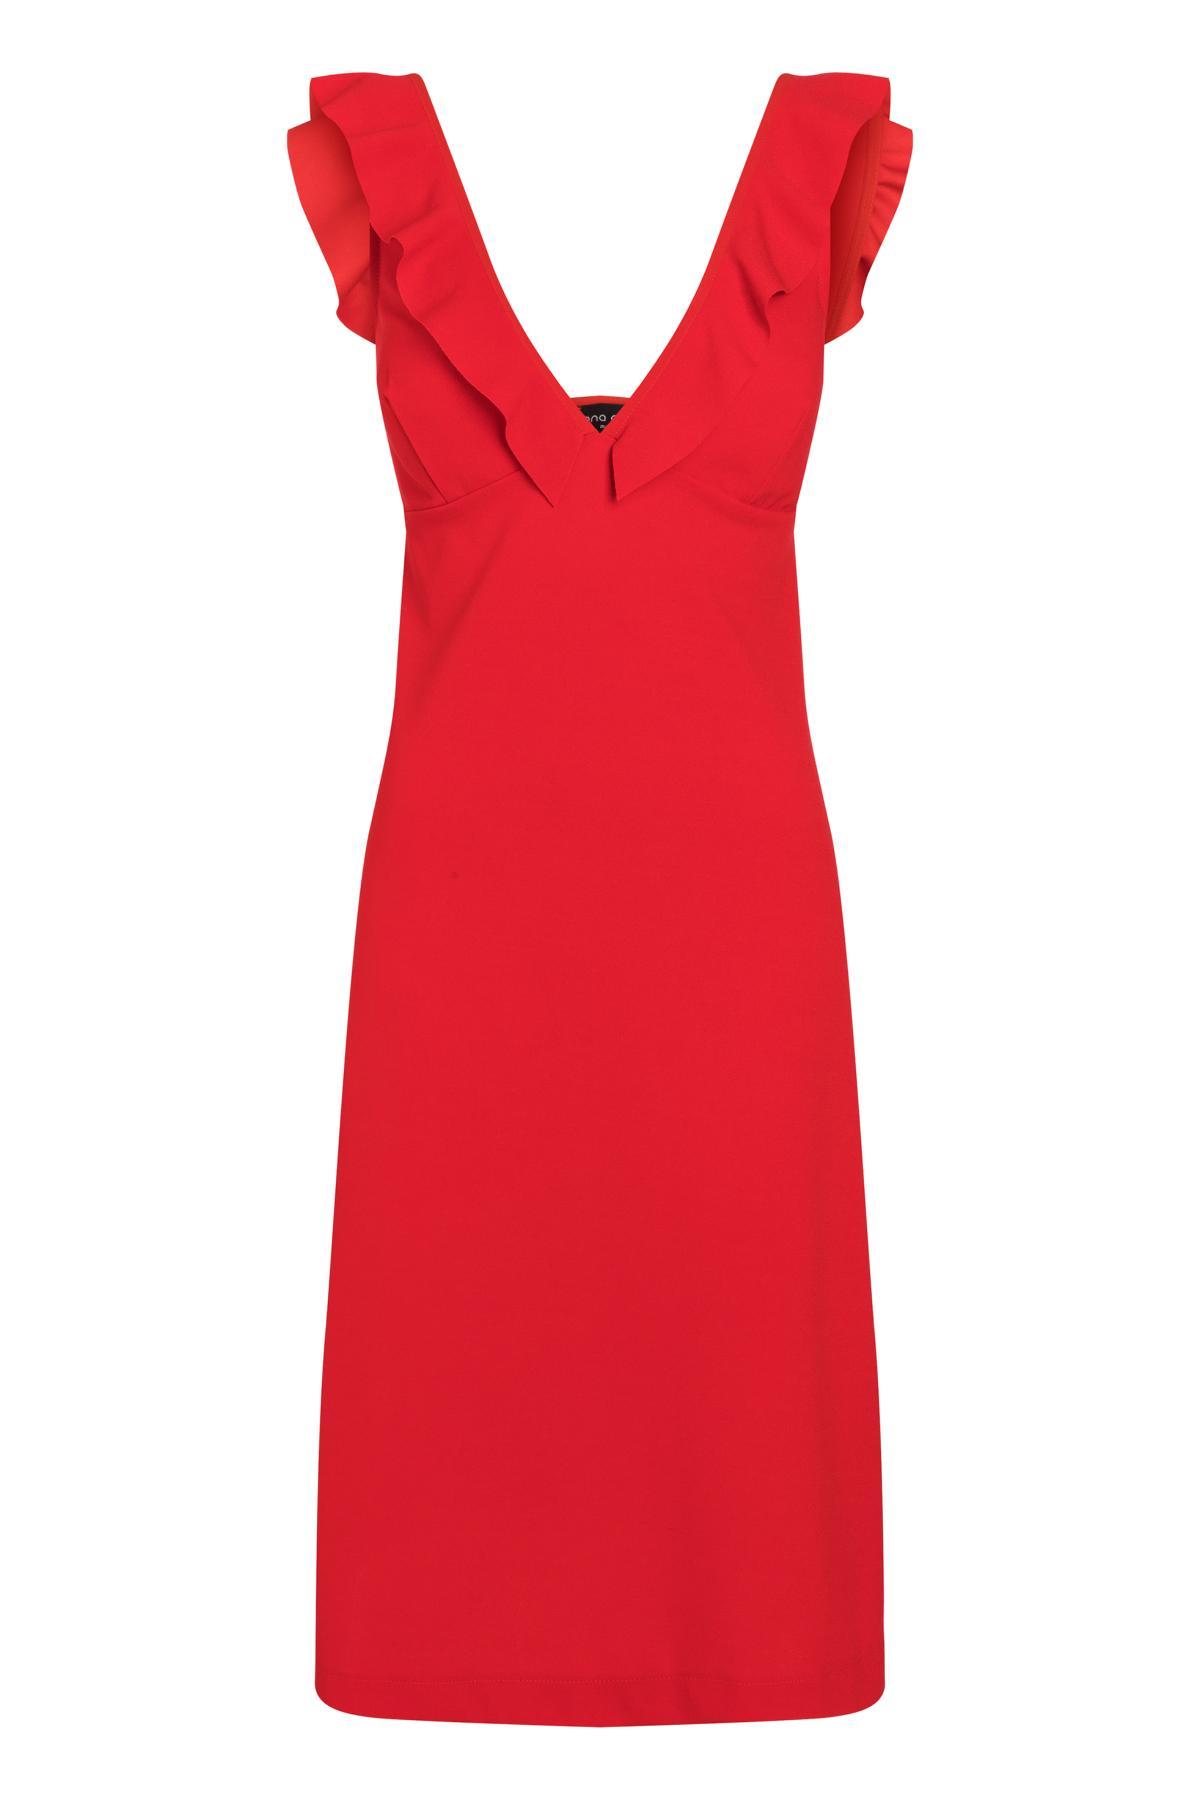 ana alcazar flamenco kleid sawona red 40